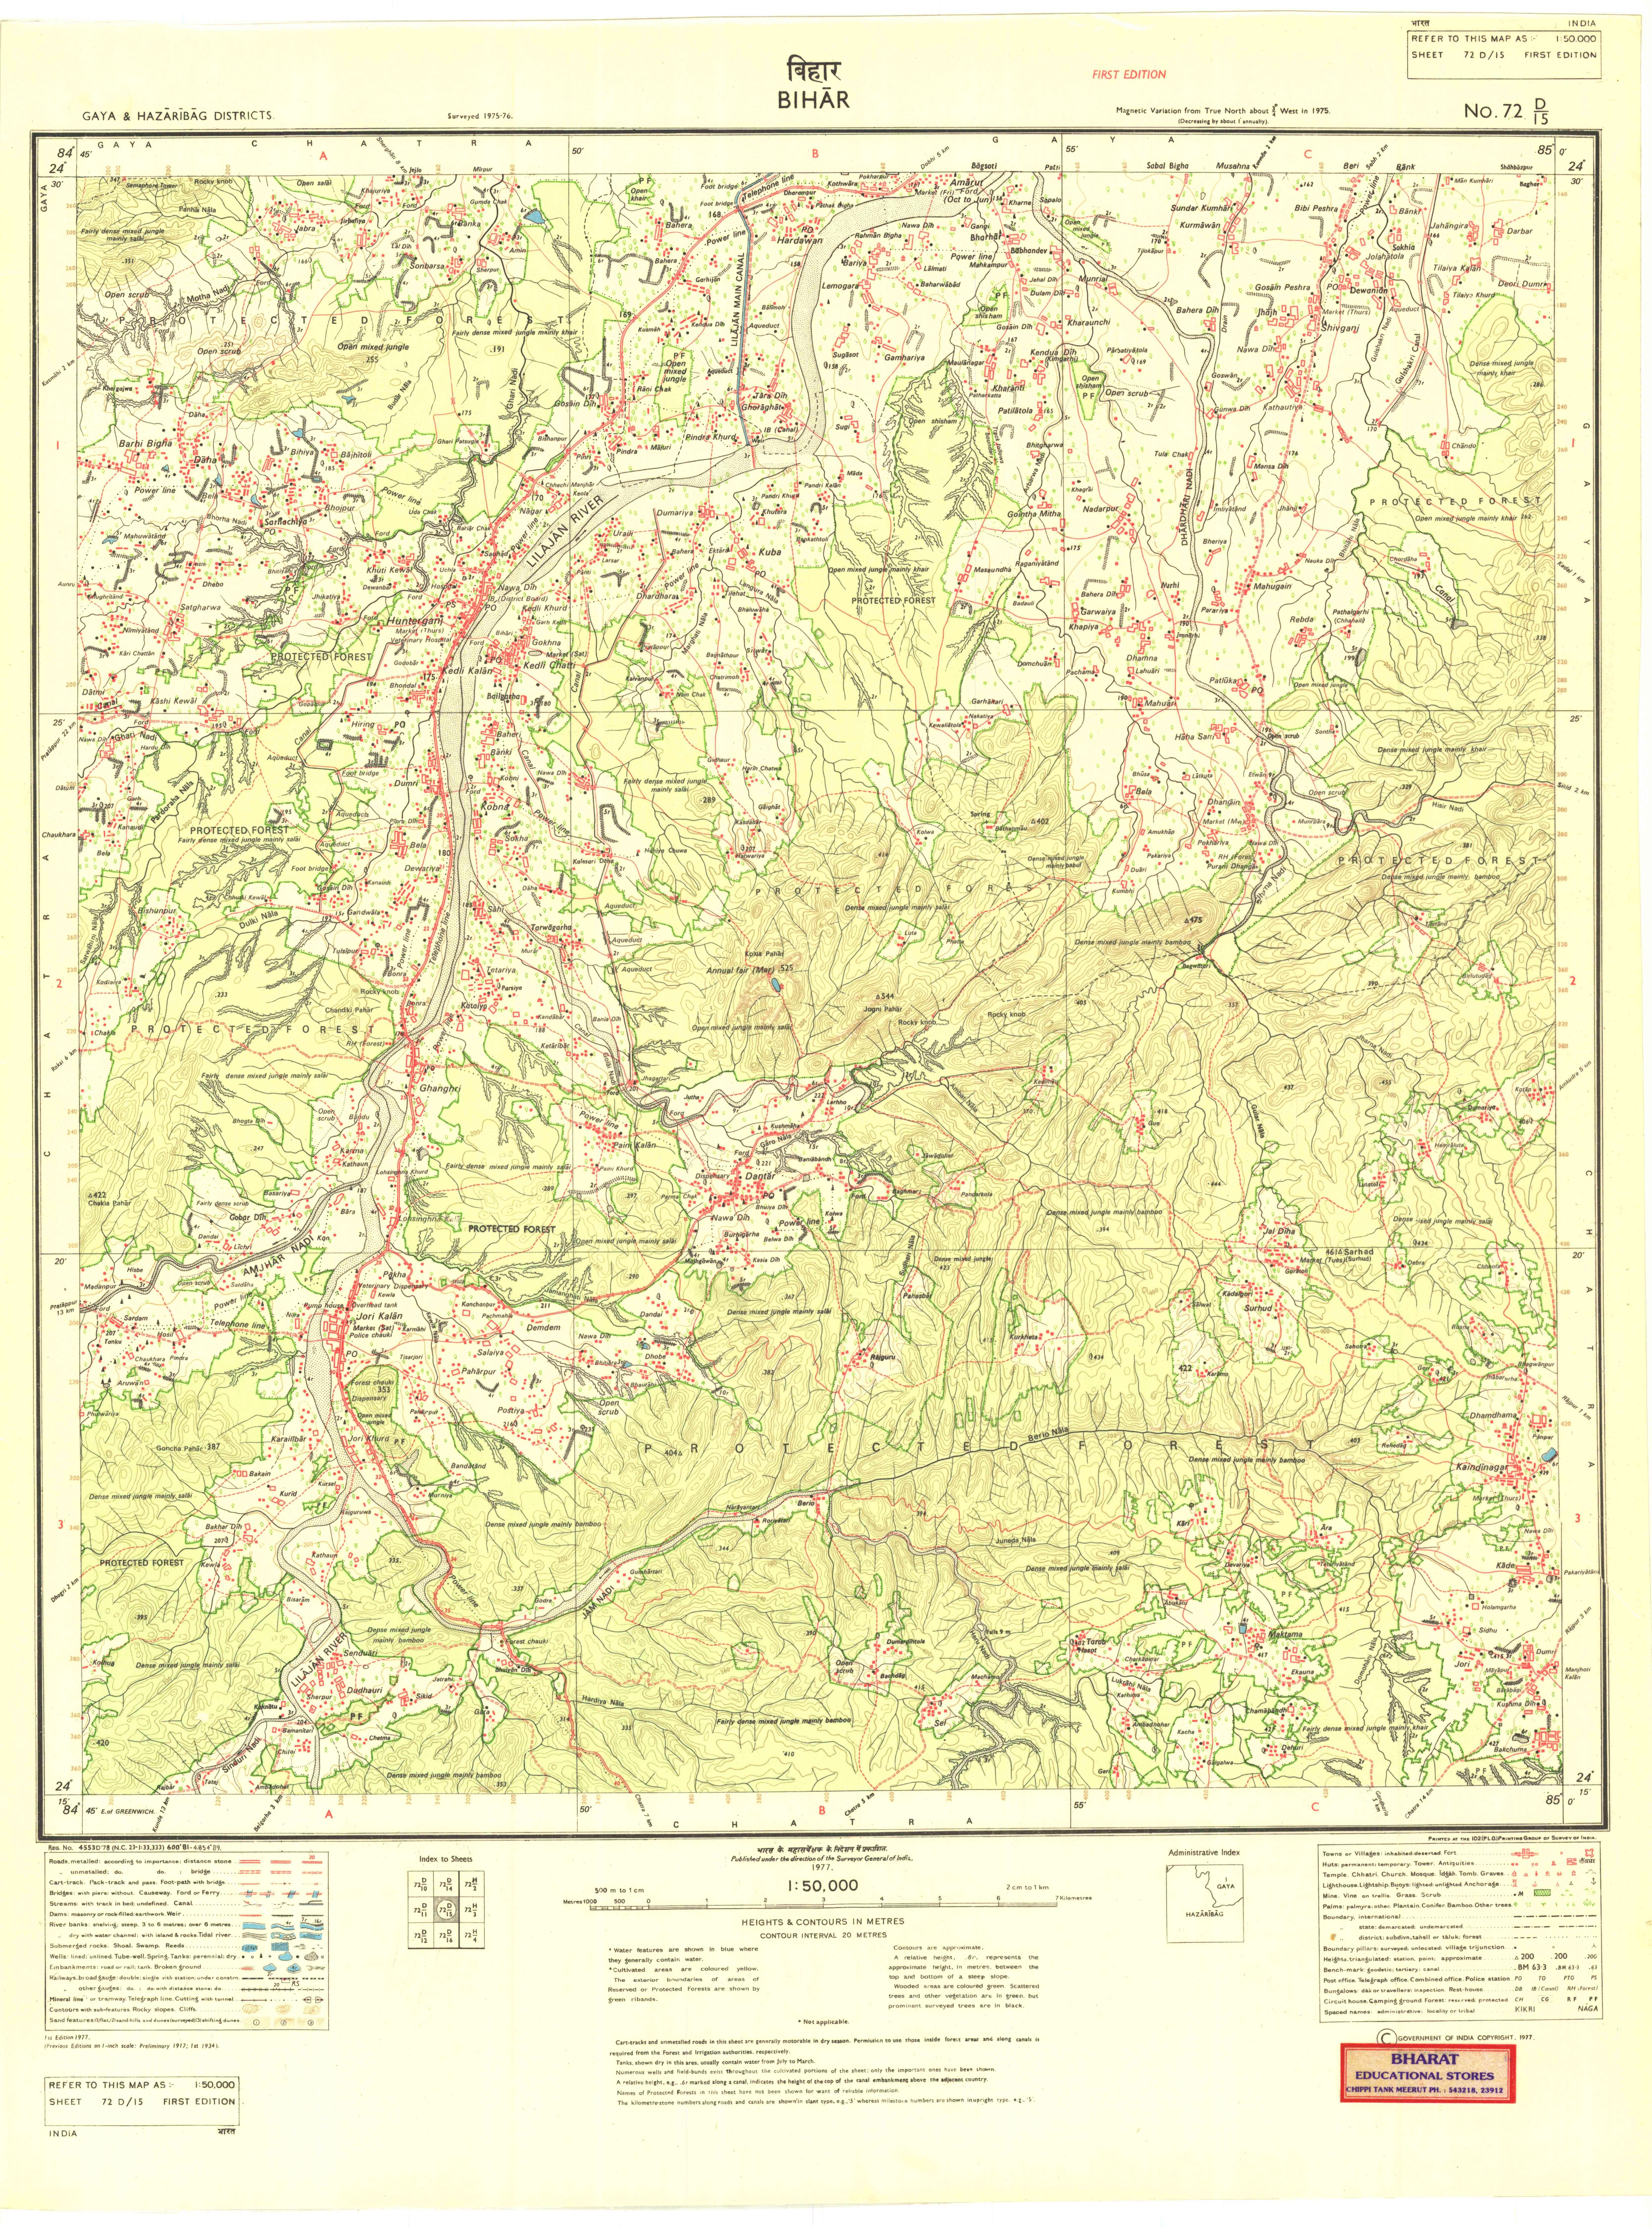 Survey of India Topo Sheet 72D15 1977 1st Edition   Zenodo